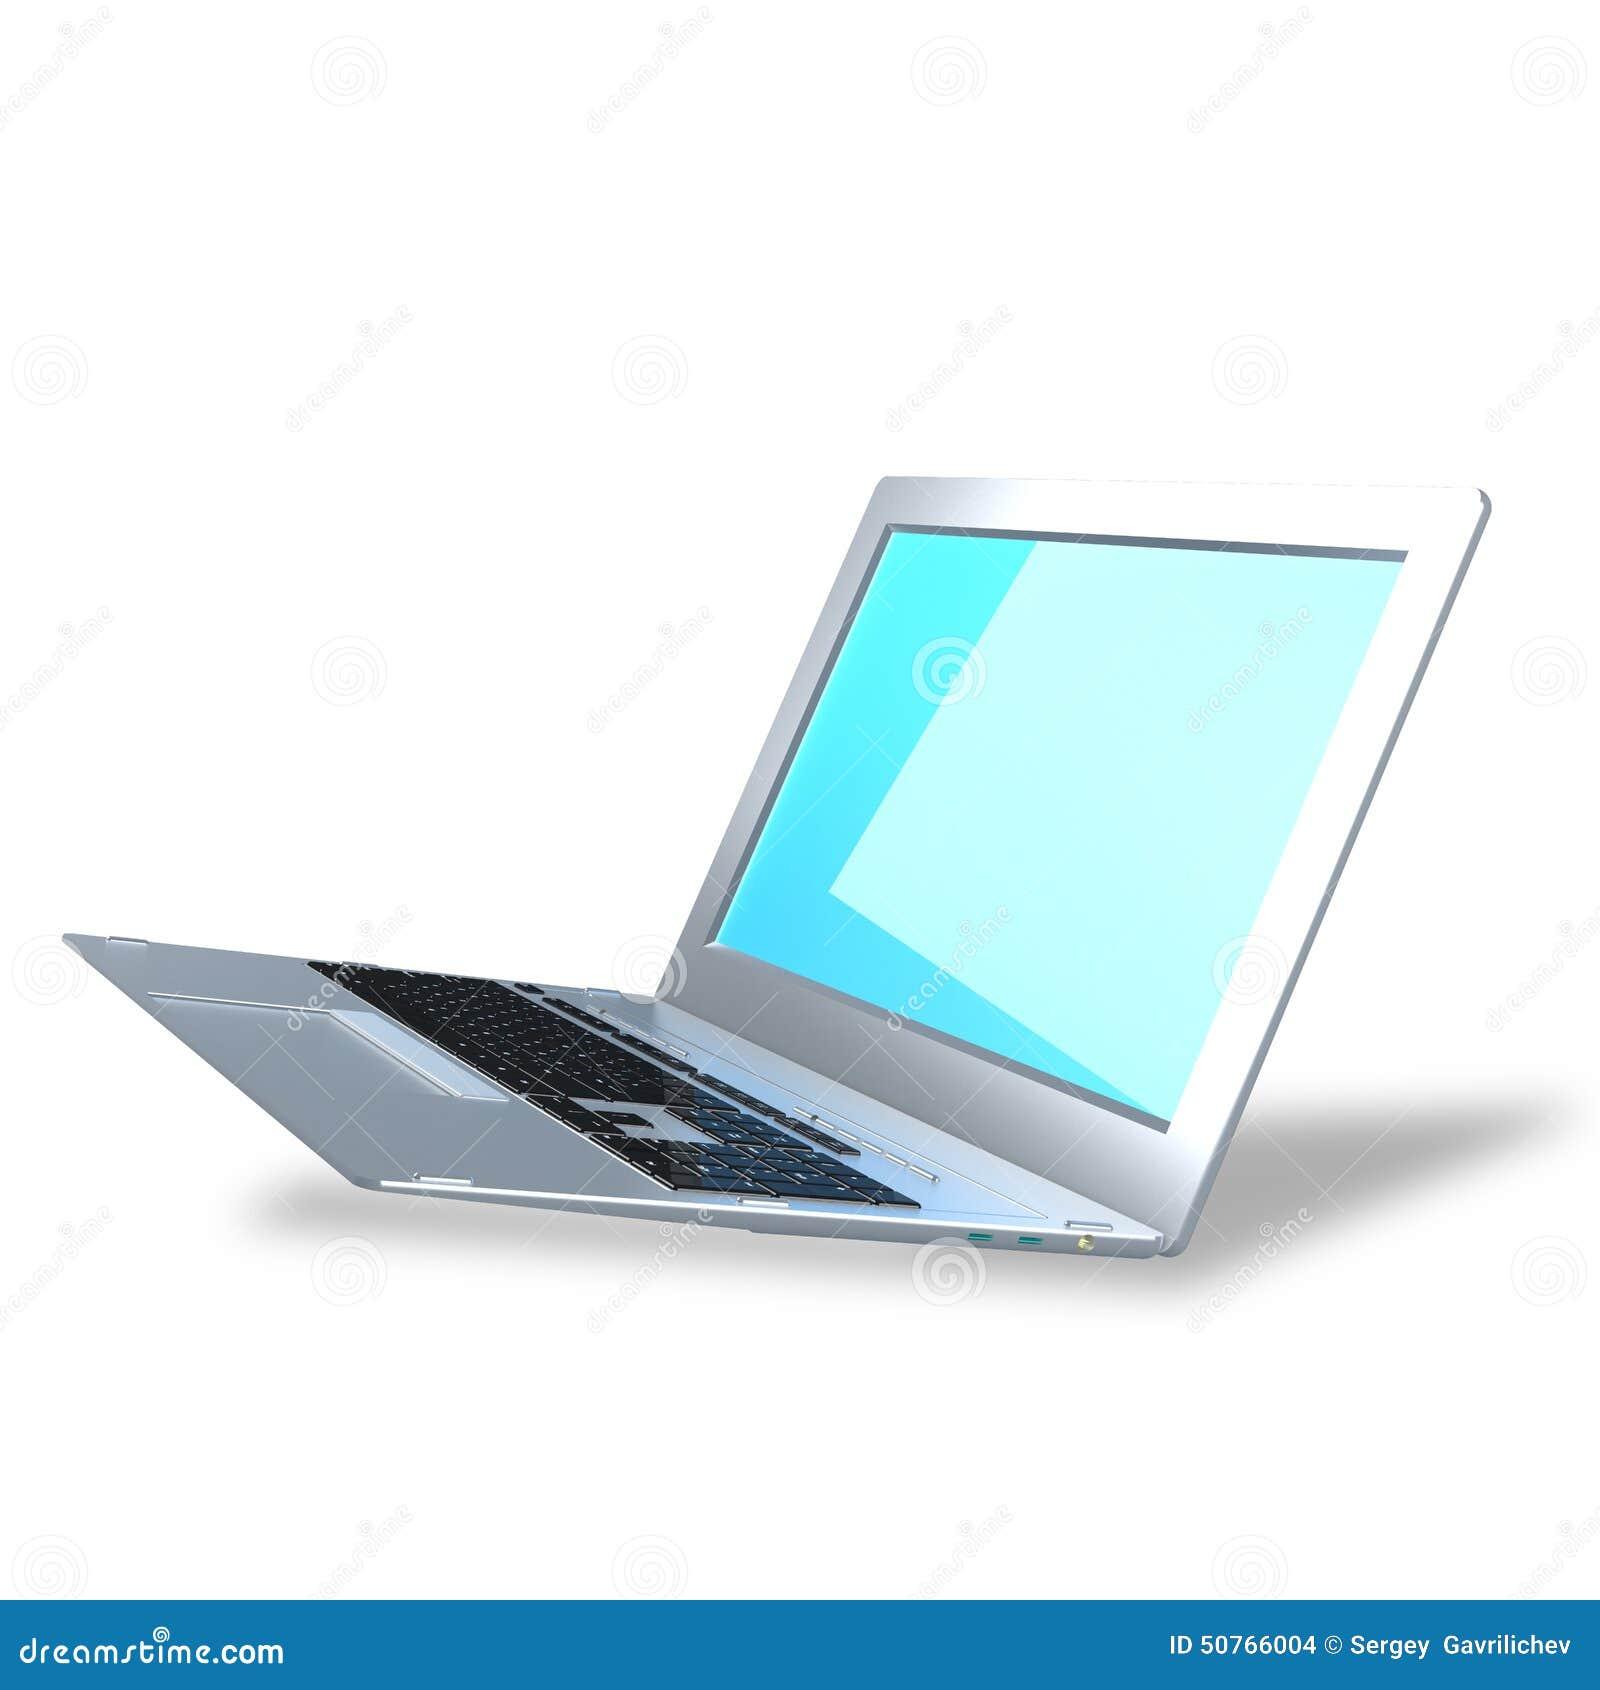 Computer Internet Business